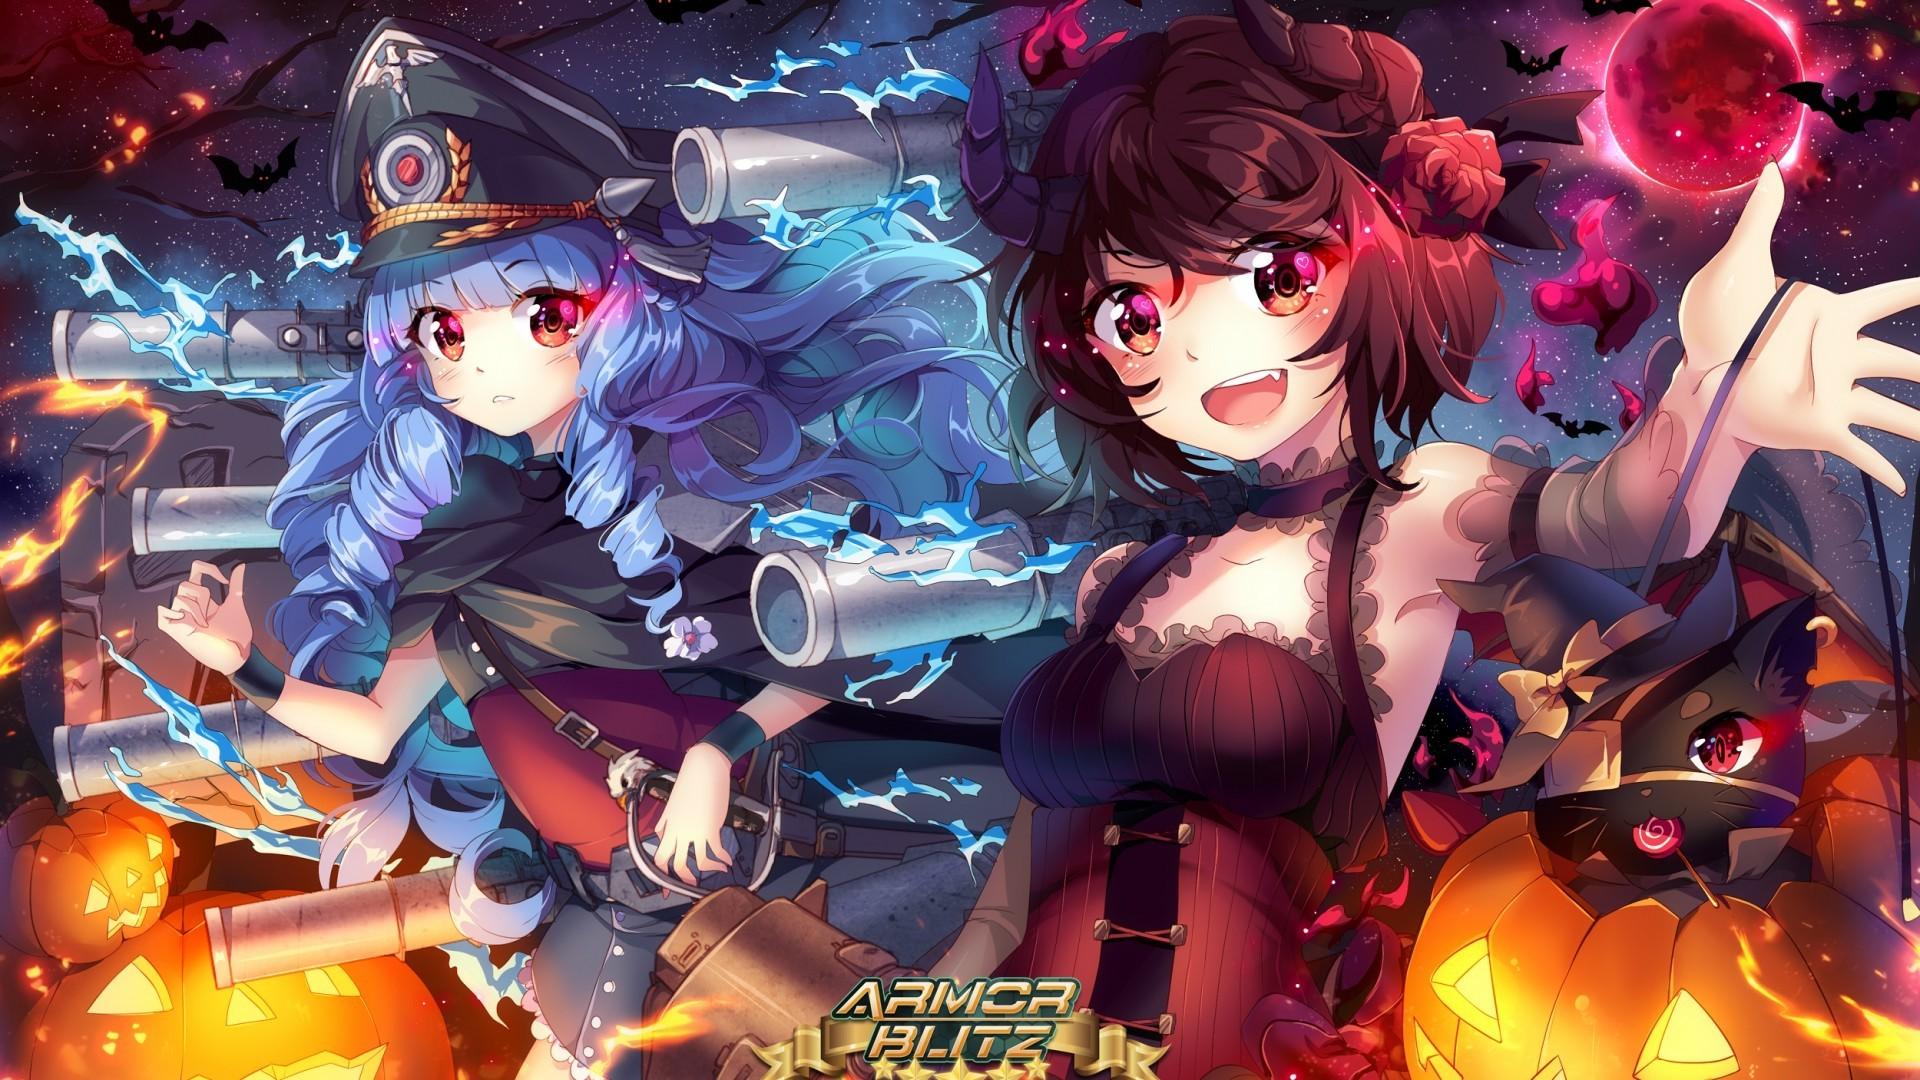 Halloween, Armor Blitz, Anime Girls, Anime Games, Horns, - Hd Anime Gaming Girl - HD Wallpaper